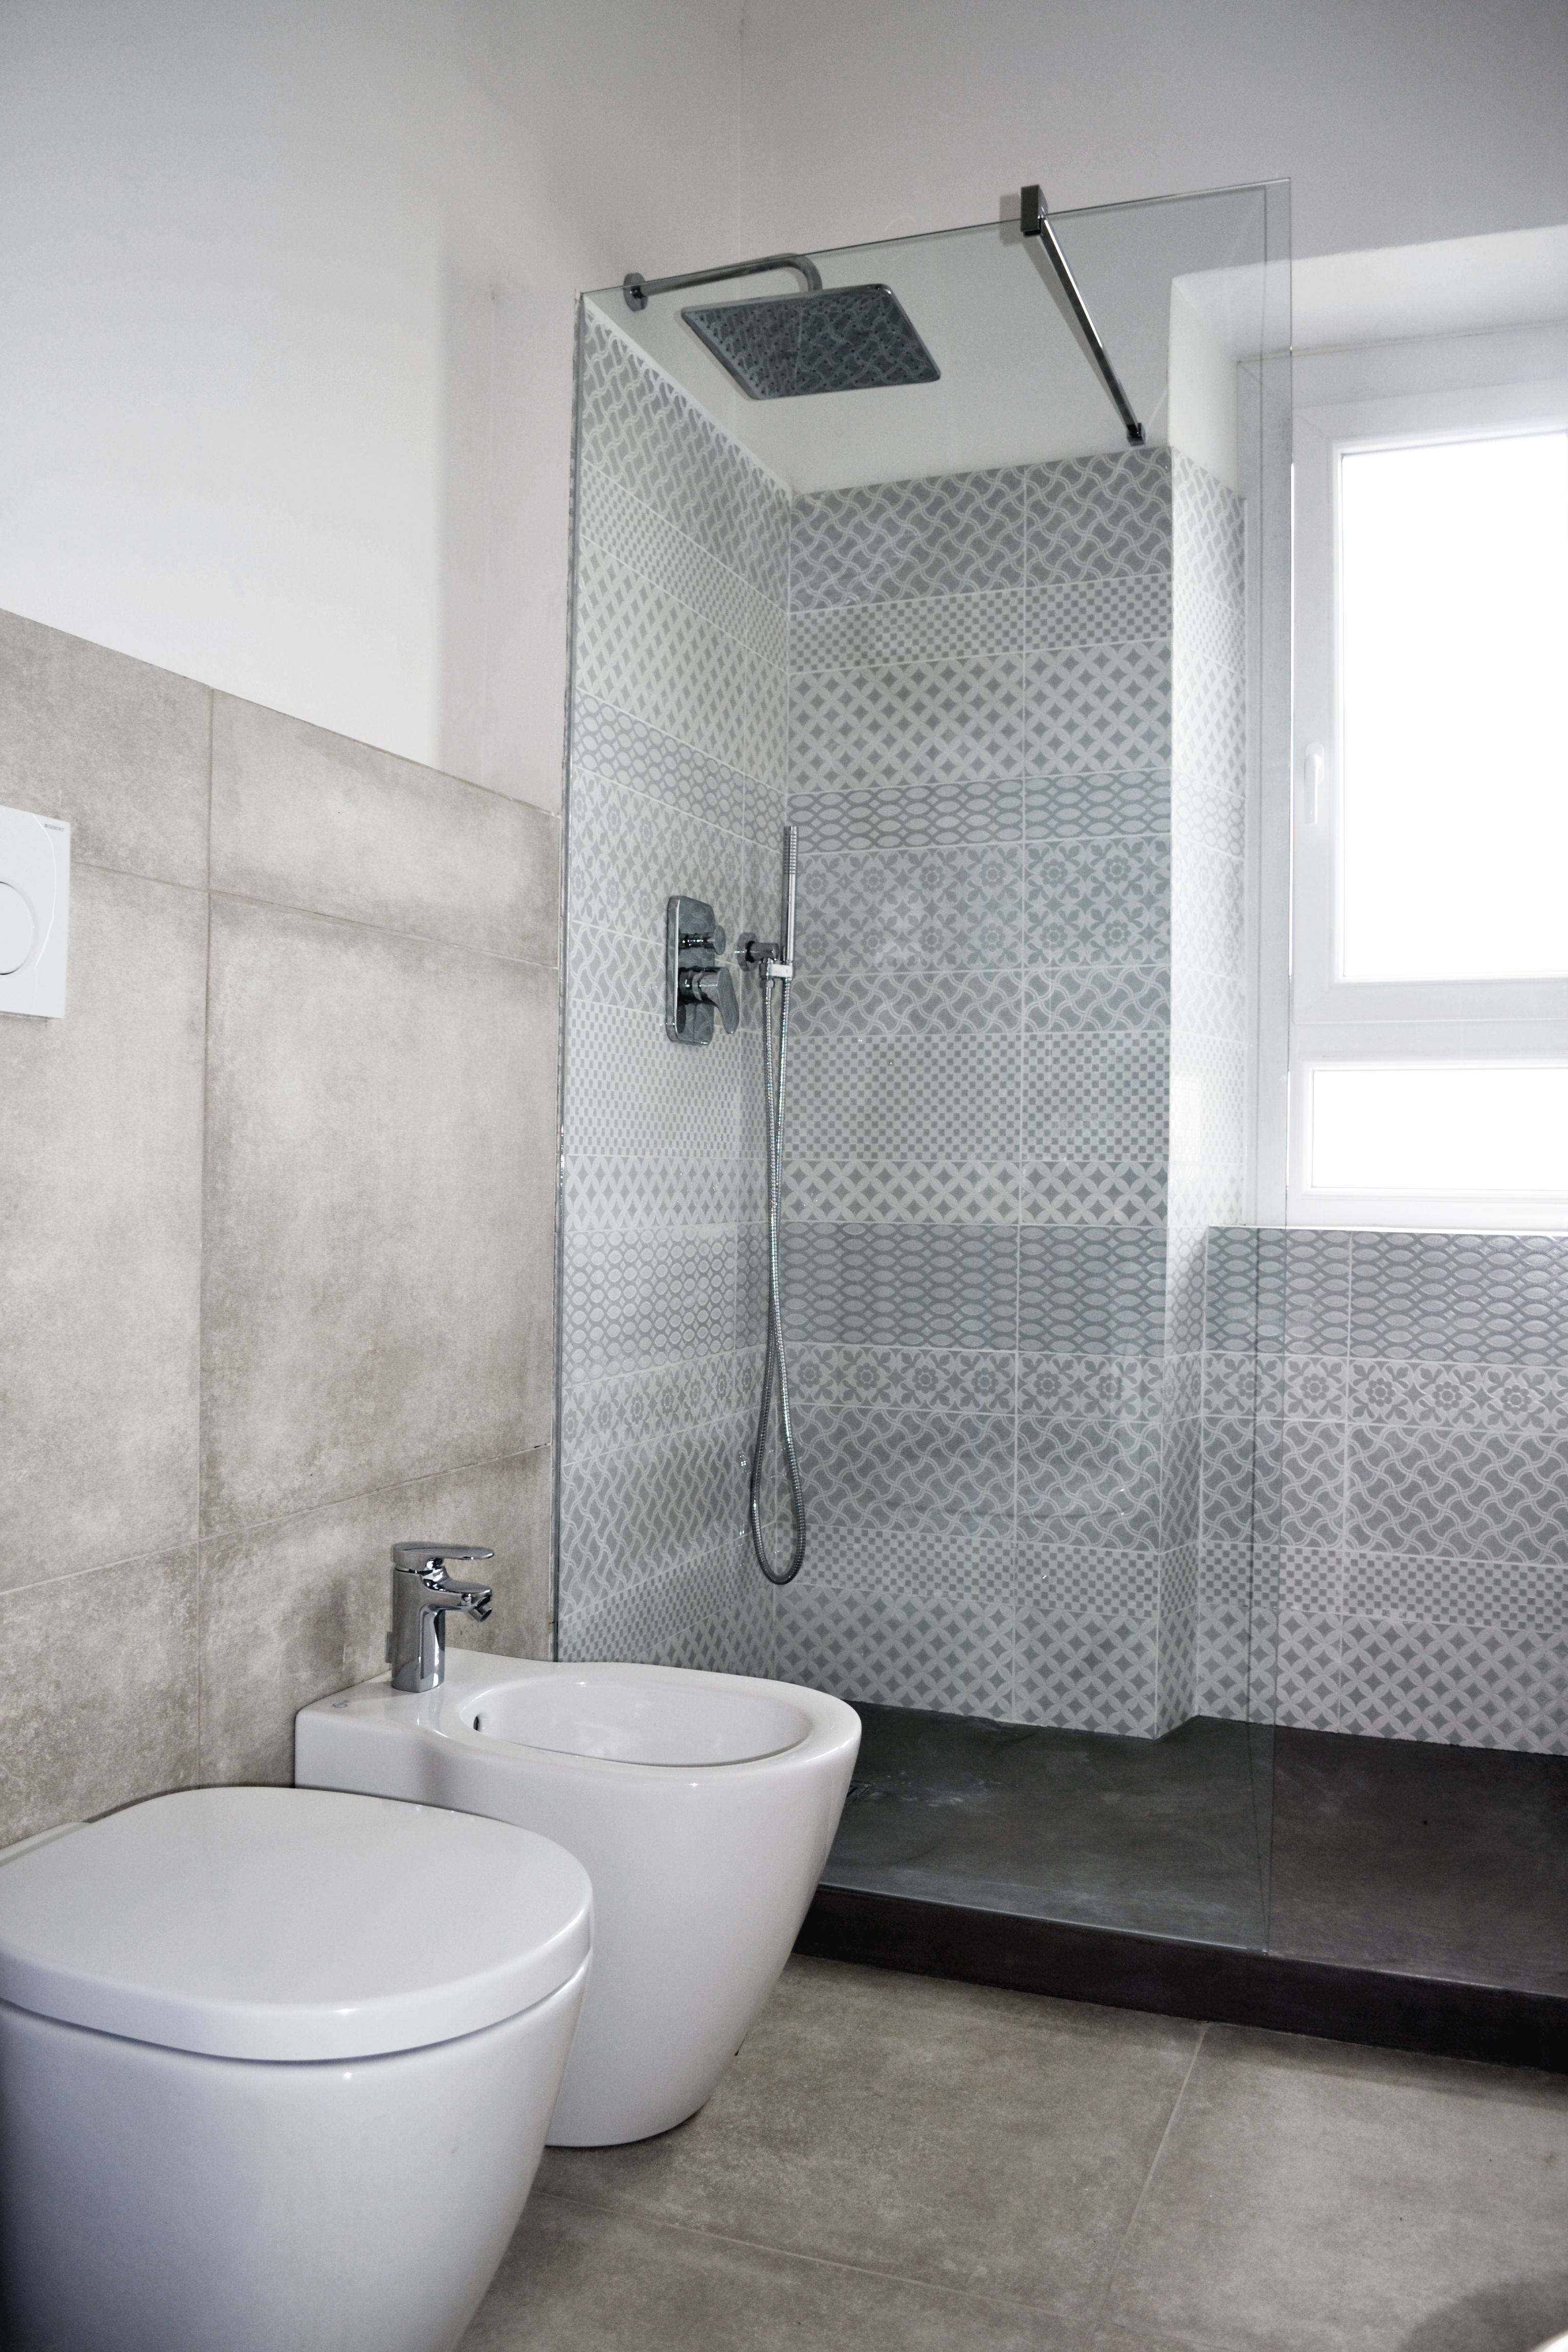 Piastrelle effetto cemento e piatto doccia in resina - Piastrelle da interno ...